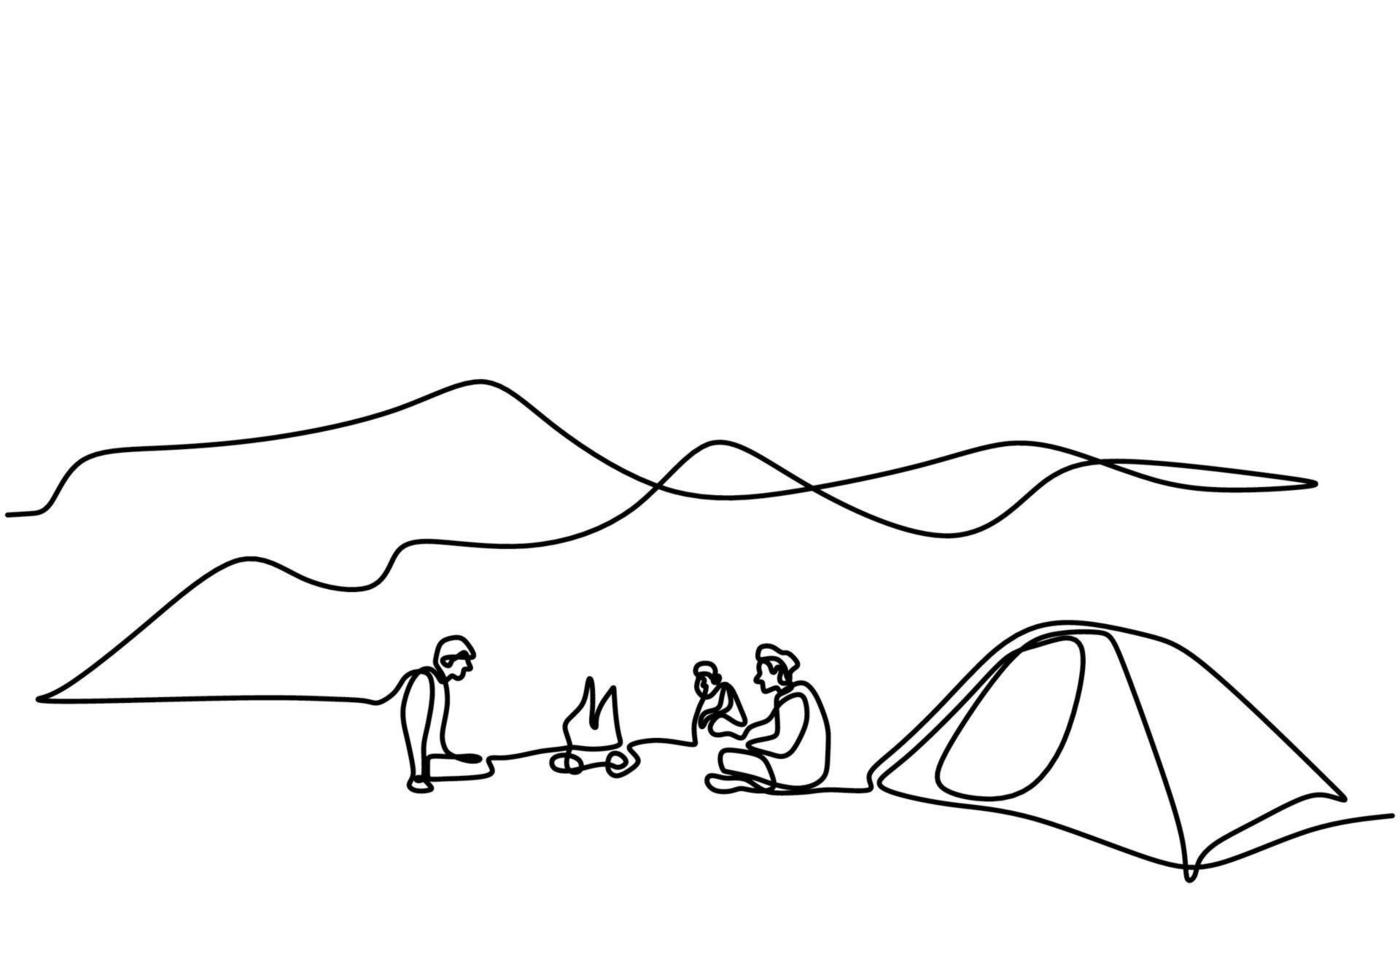 een lijntekening mensen kamperen. jonge man geniet van buitenactiviteiten met tenten en kampvuur. avontuurlijk kamperen en verkennen. man opgewonden door kamperen in de bergen genieten van de natuur vector